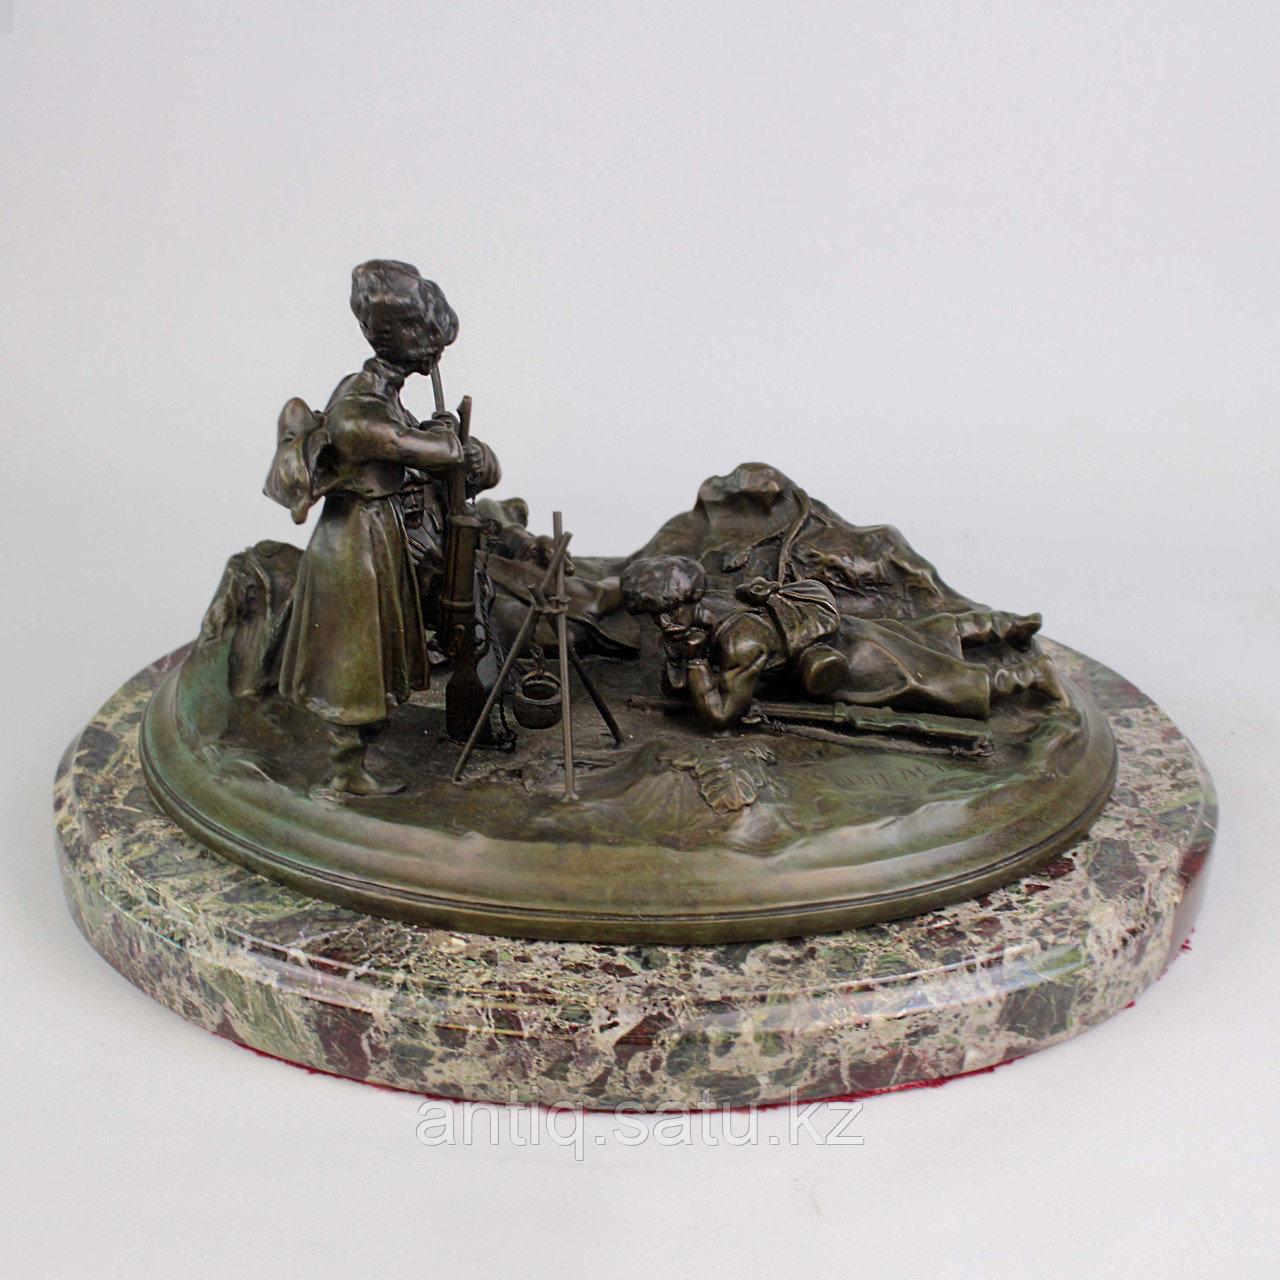 Черкес, заметивший врага. По модели российского скульптора В.Я. Грачева - фото 8